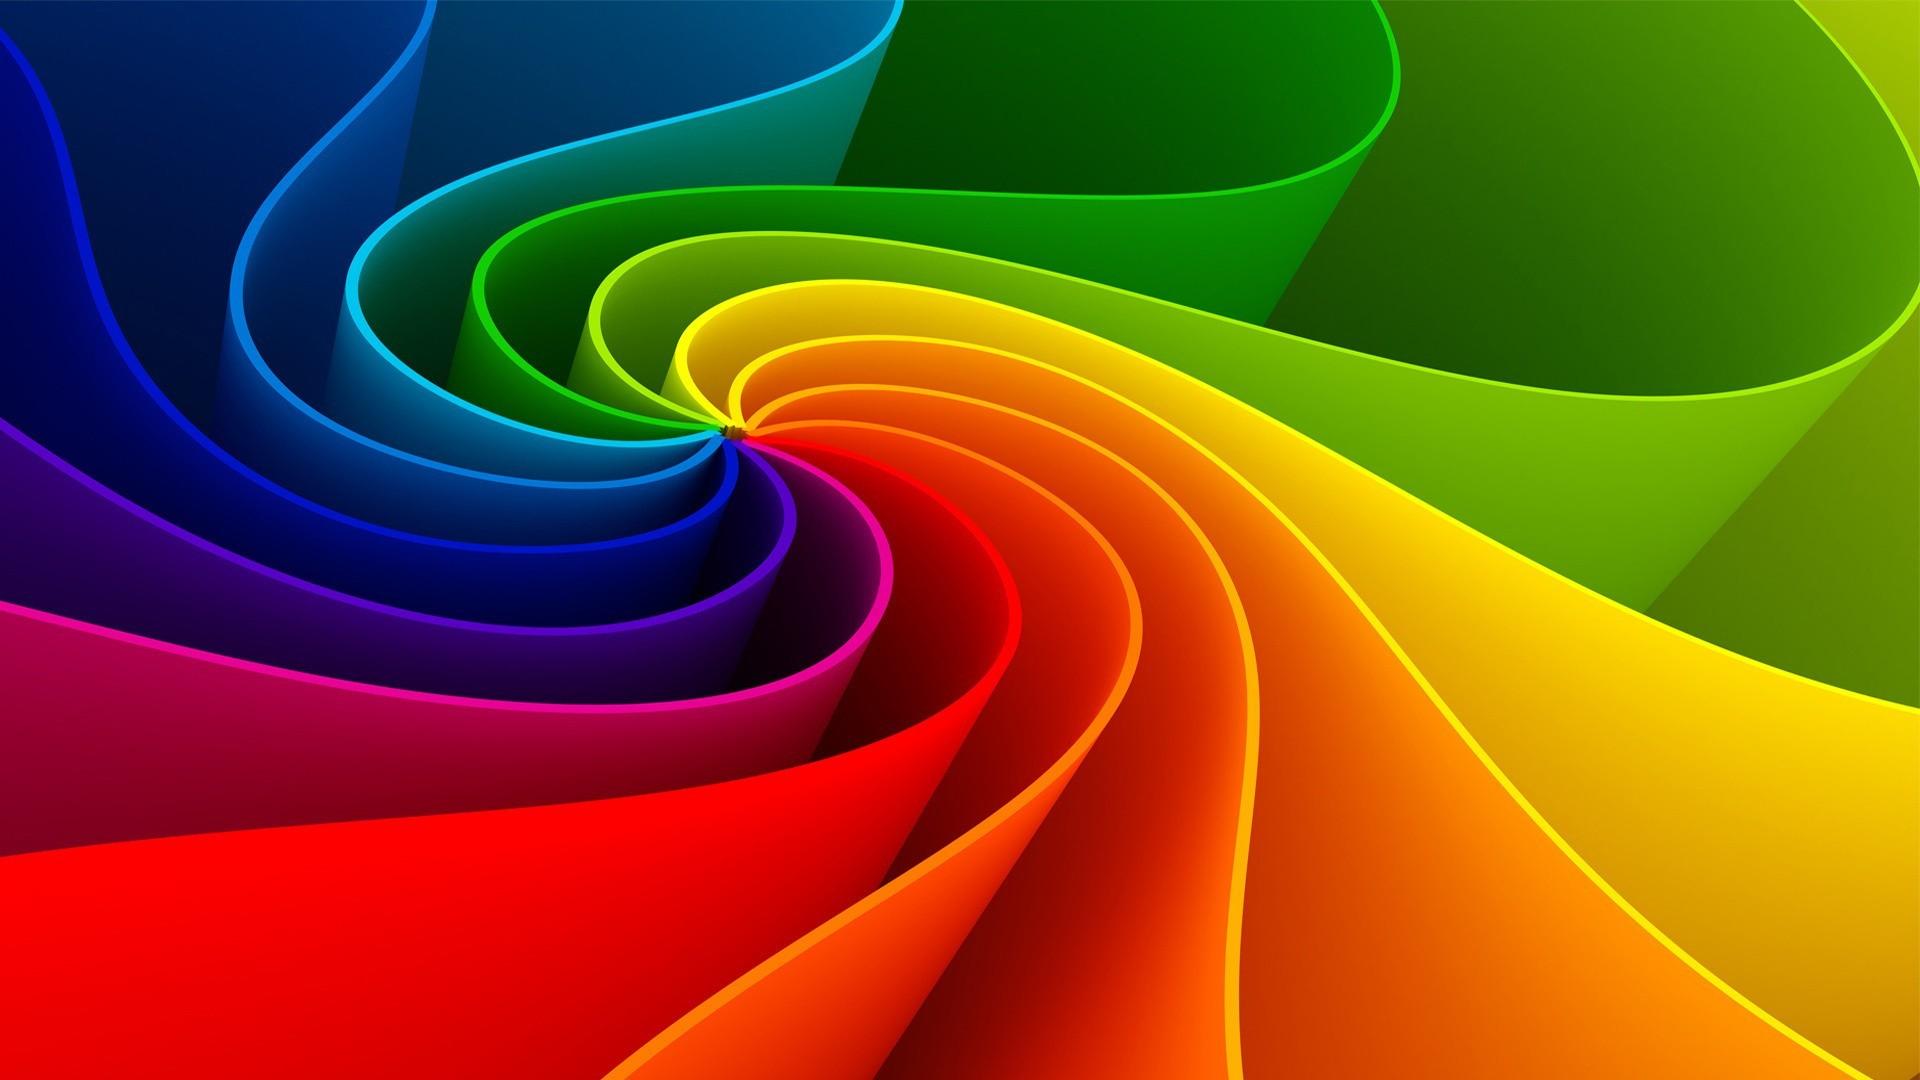 New Wallpaper Color Iphone: Fondos De Pantalla : Vistoso, Ilustración, Arte Digital